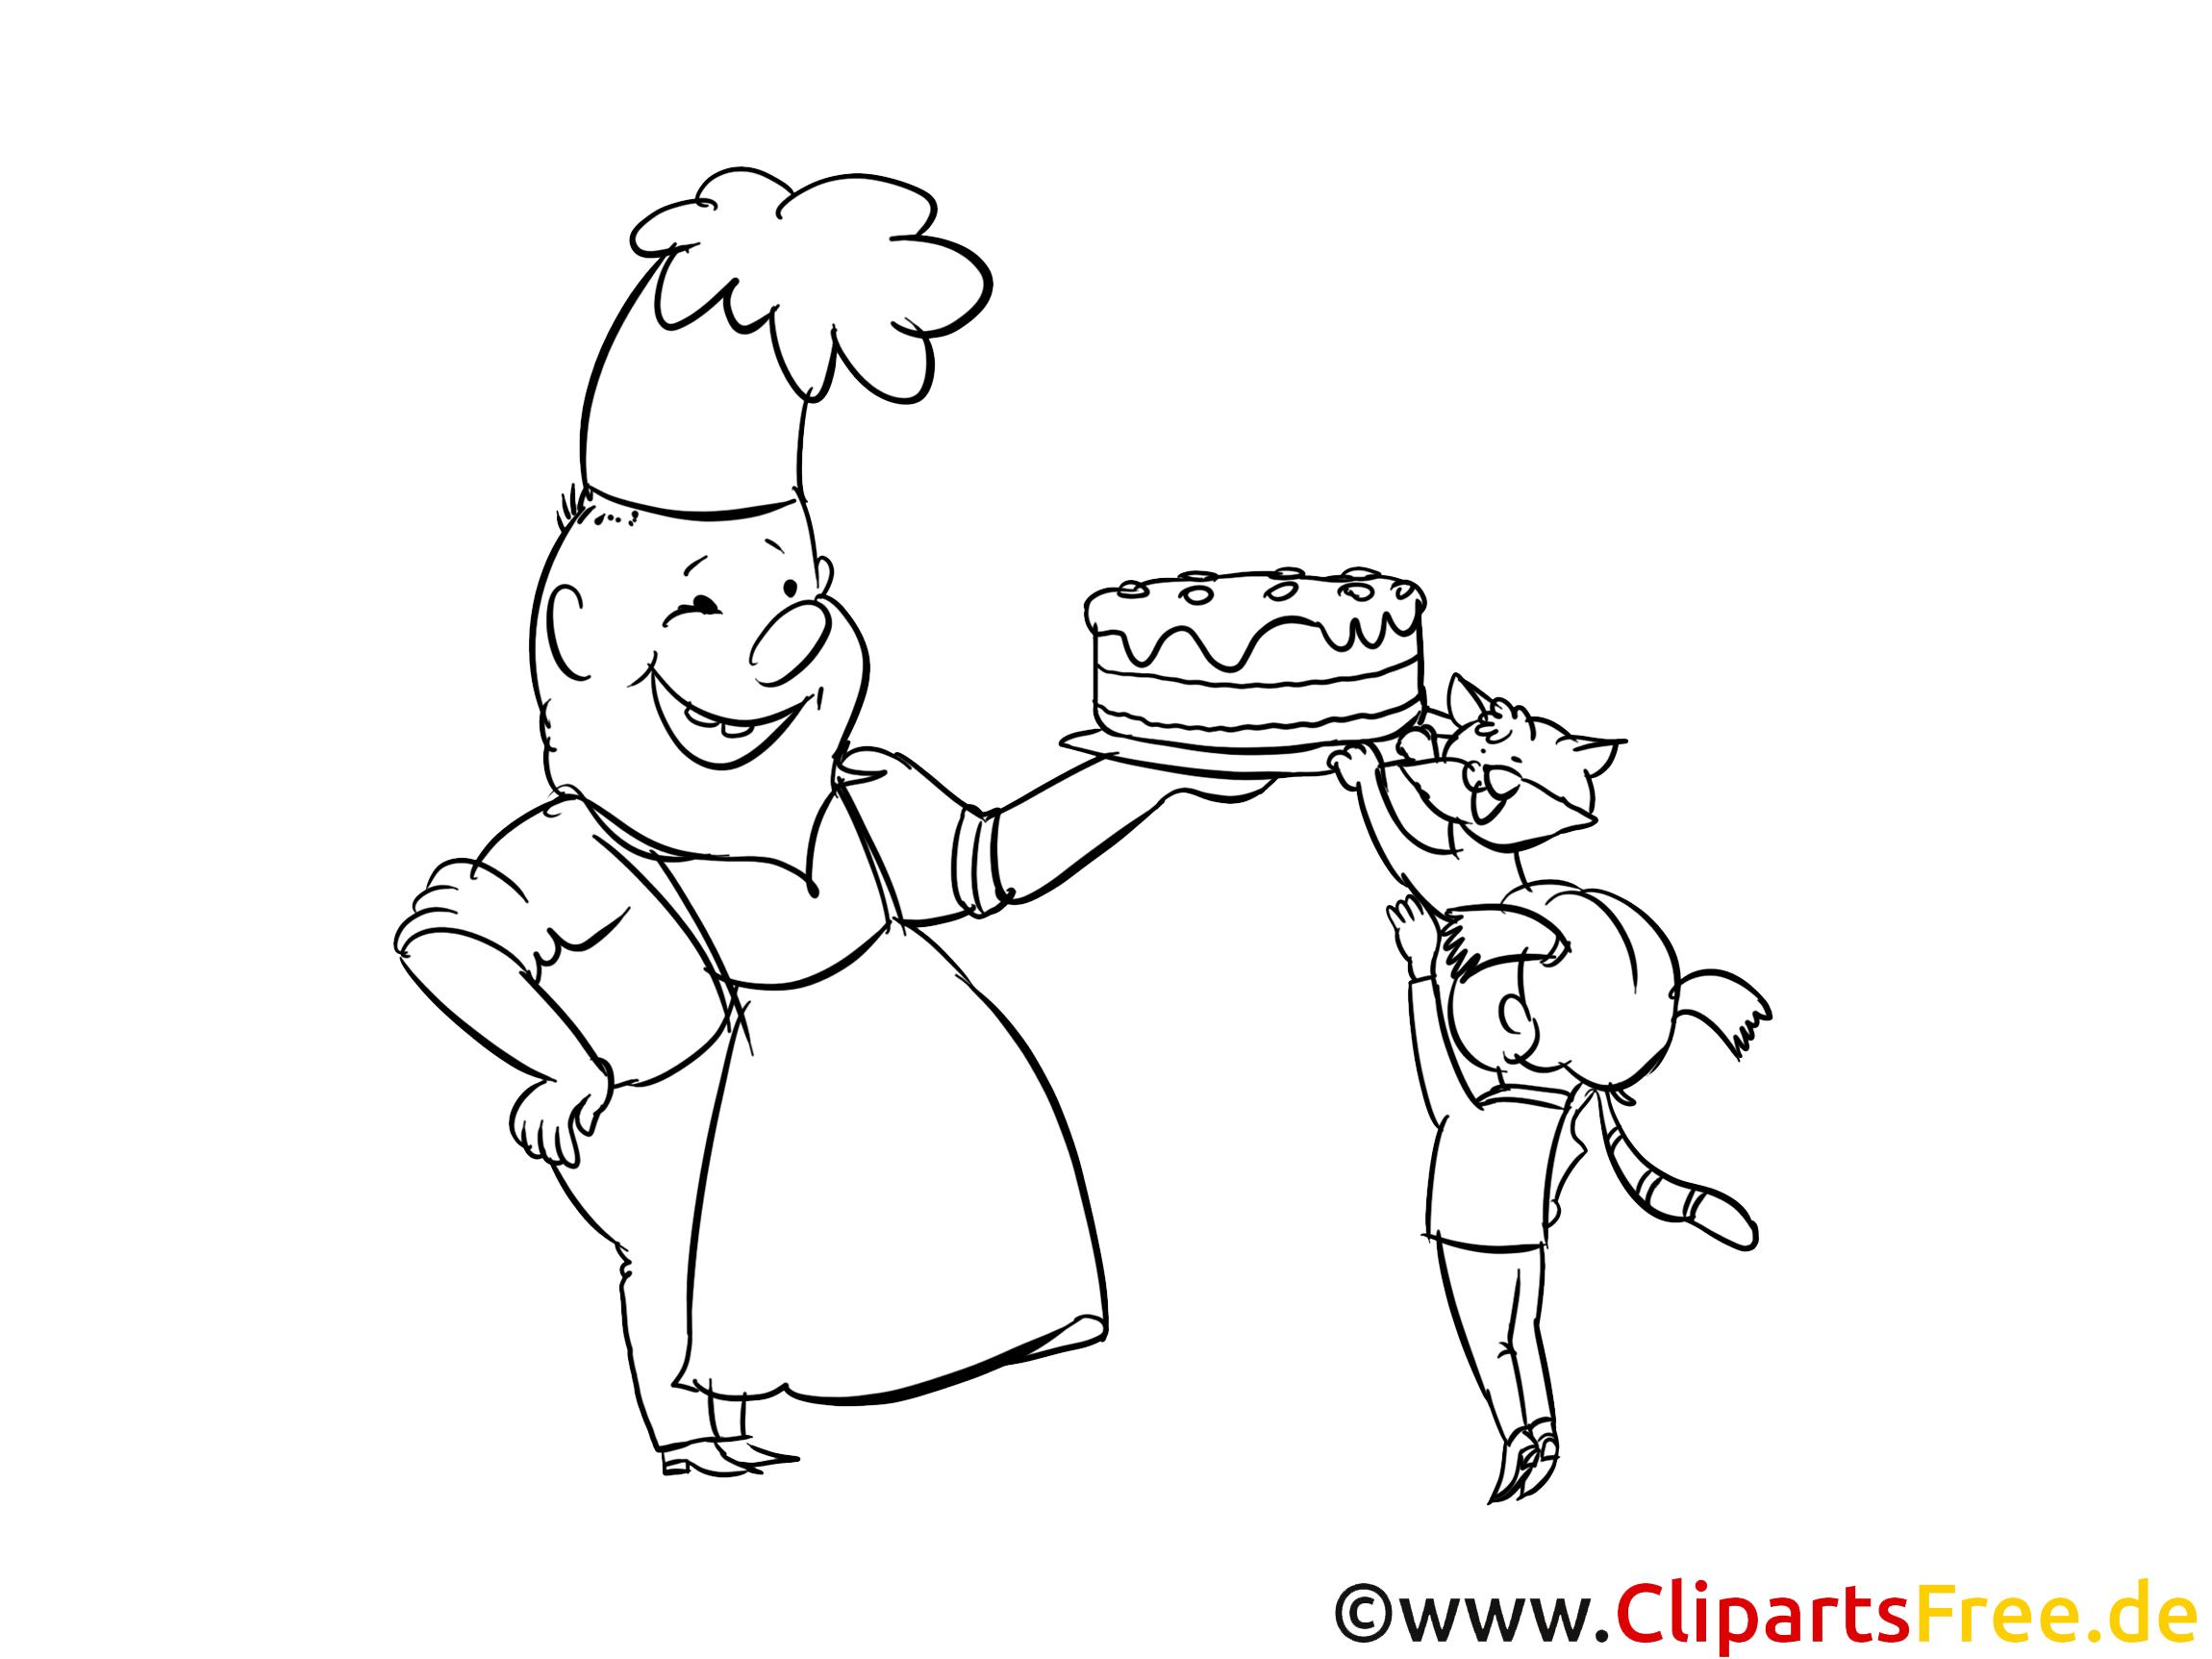 neu torte ausmalen  ausmalen kostenlose malvorlagen